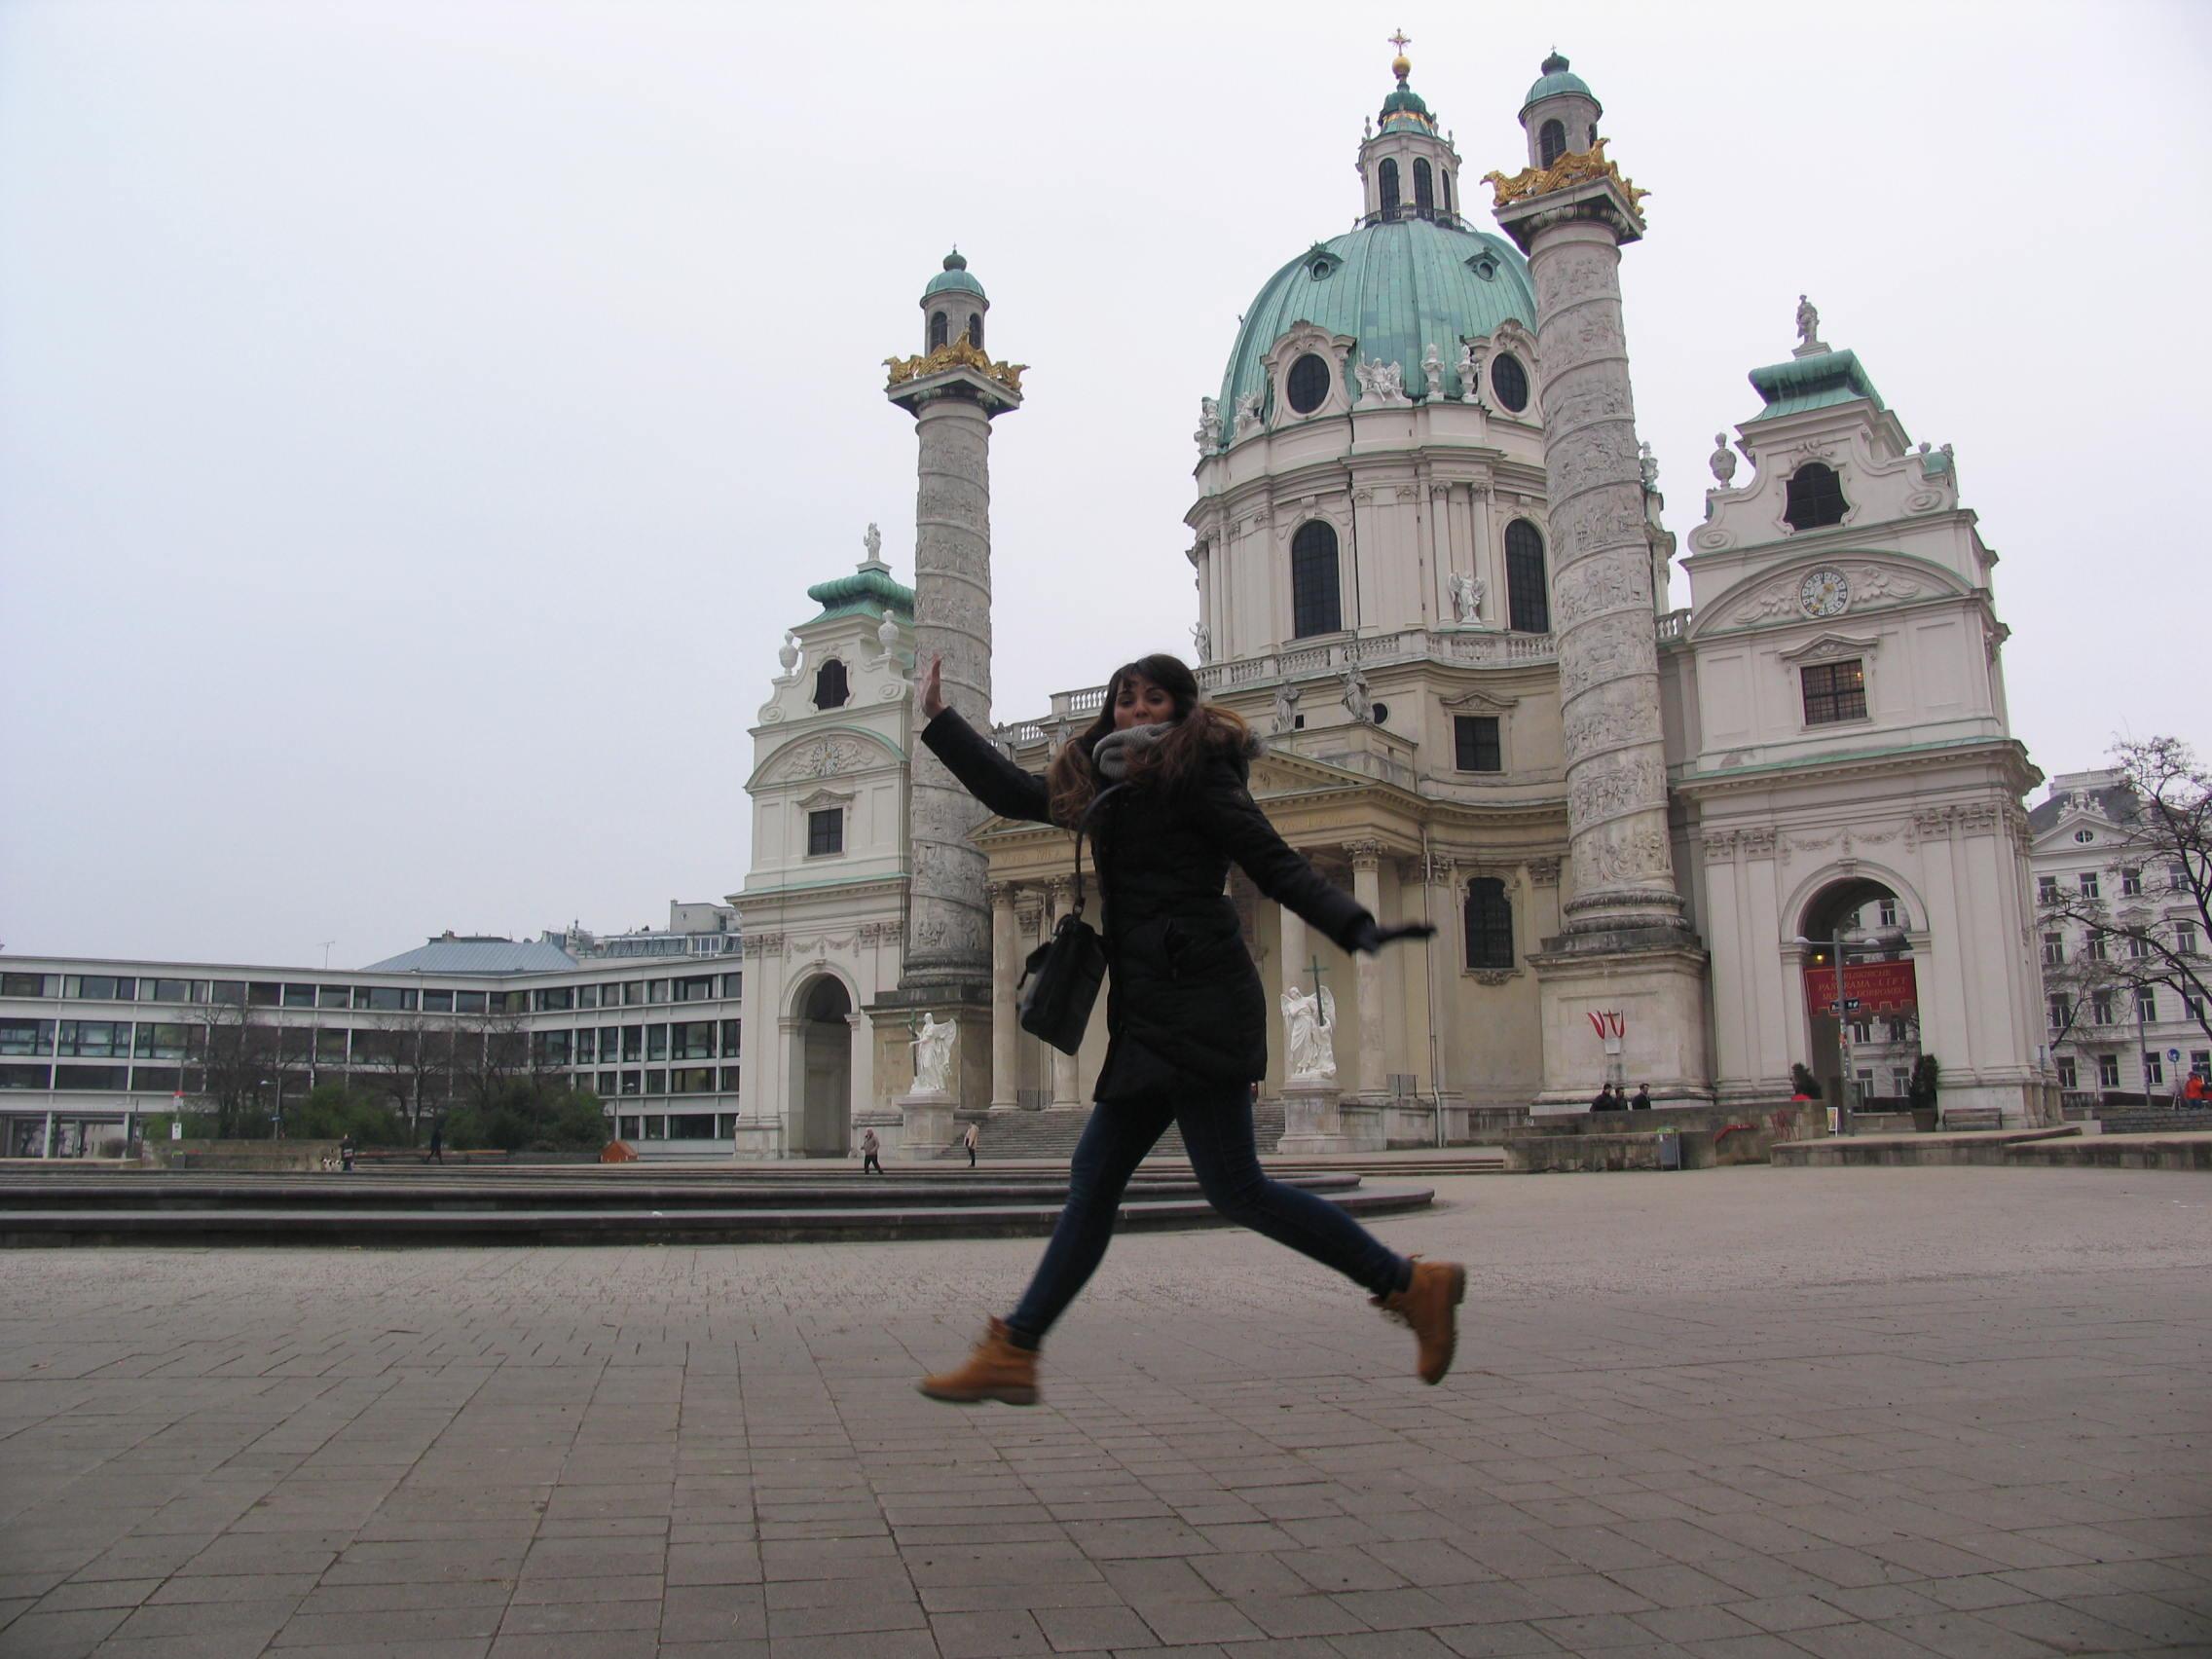 Grad Beč aktivno promiče ekonomiju dijeljenja